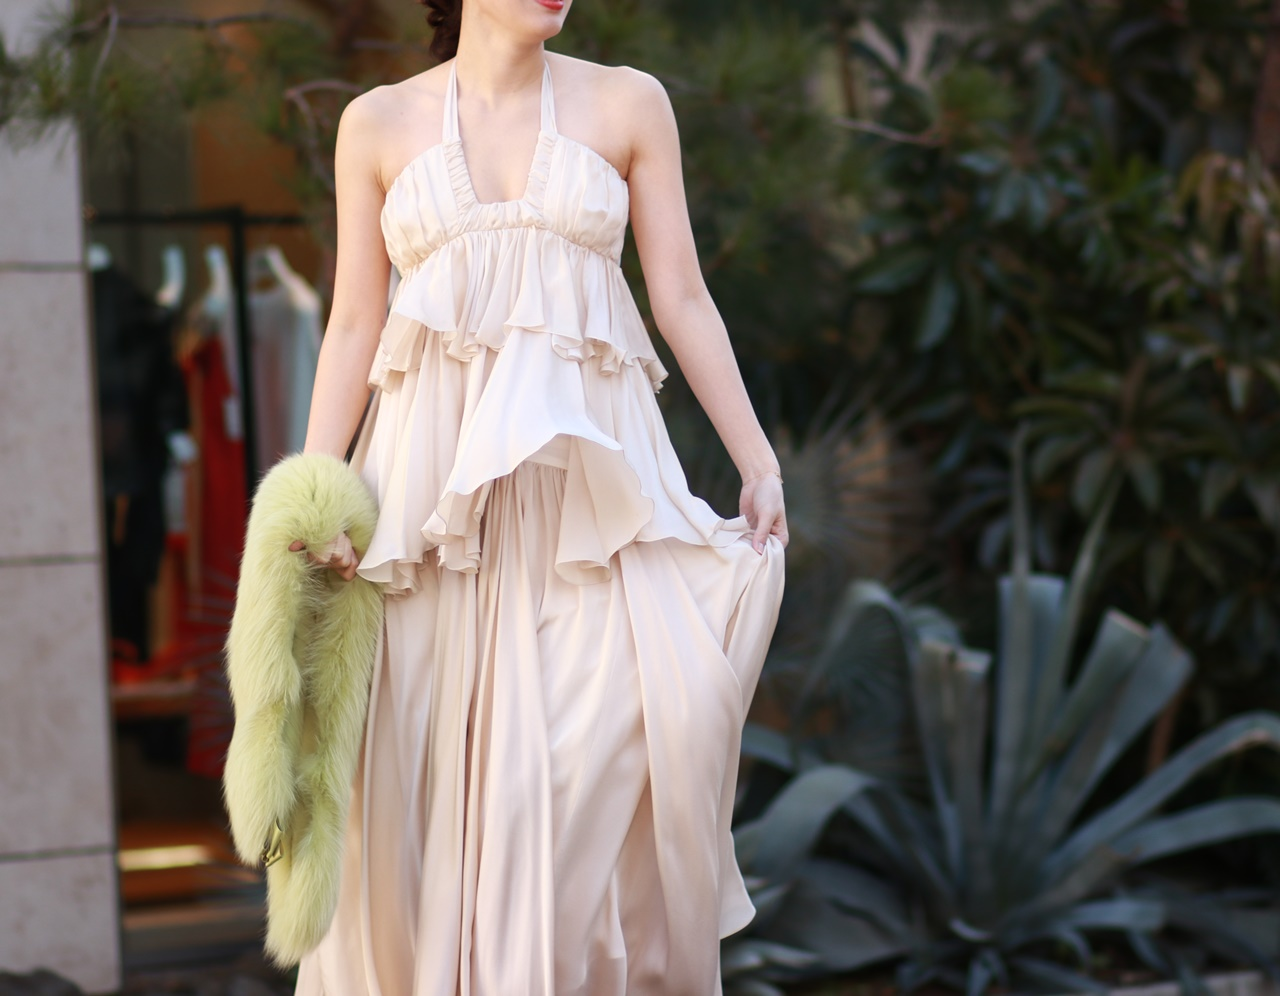 フォトウェディングにおすすめなオシャレなドレスはシルク素材のホルターネックのウェディングドレス